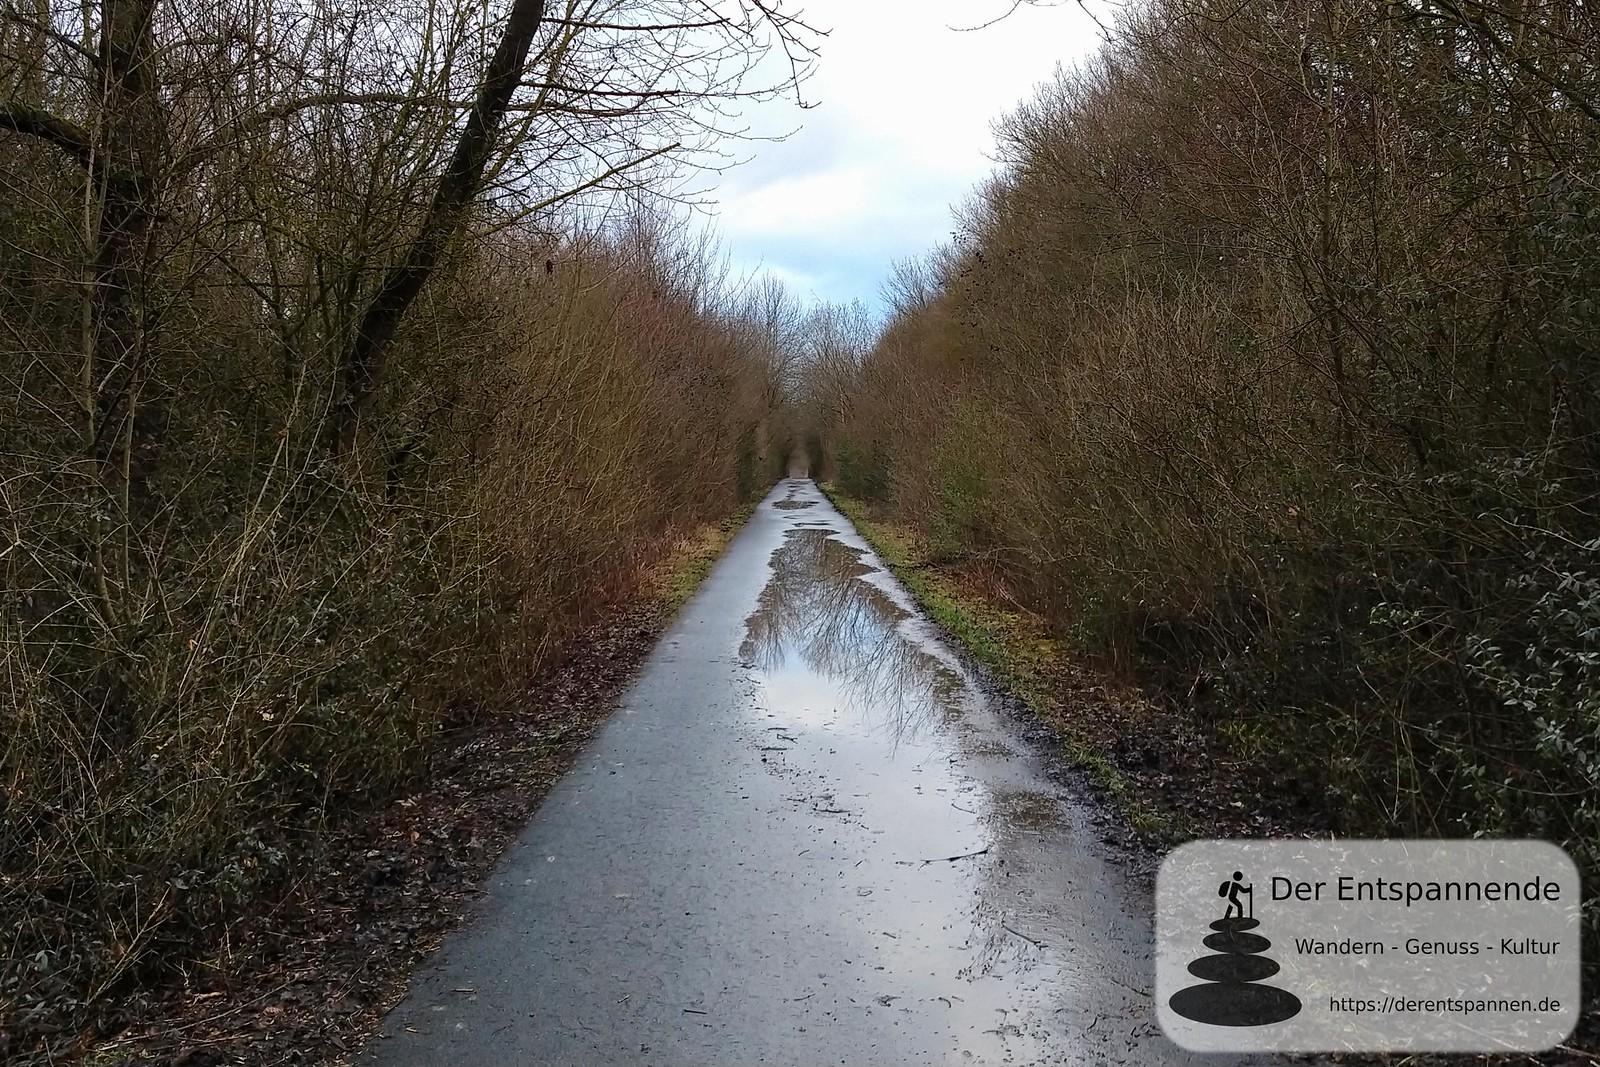 Amiche, alte Bahnstrecke und jetziger Rad- und Spazierweg